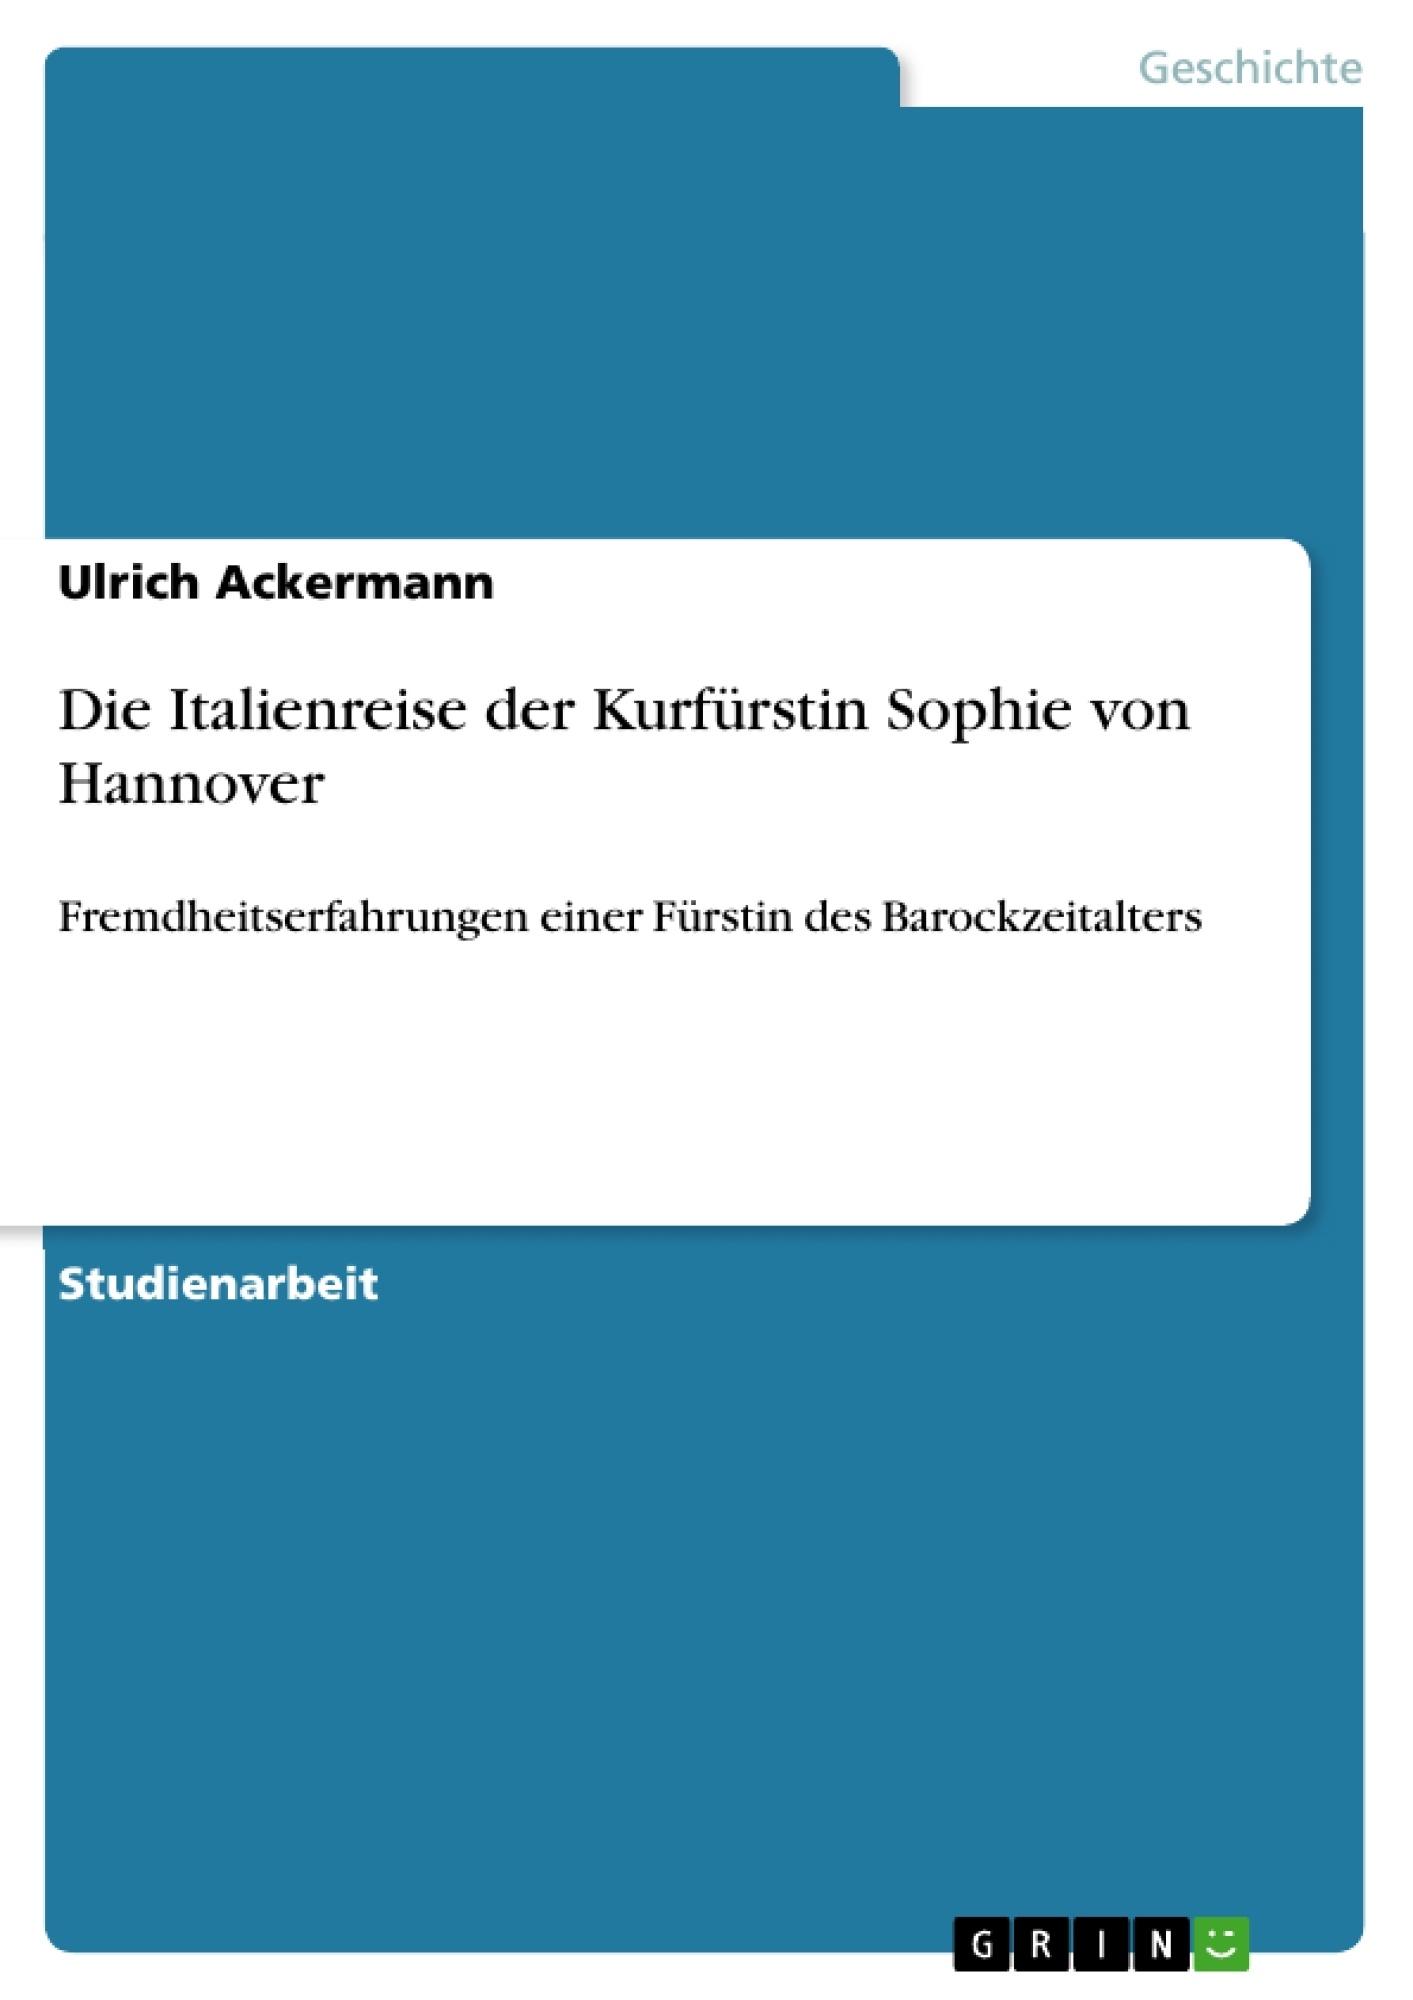 Titel: Die Italienreise der Kurfürstin Sophie von Hannover